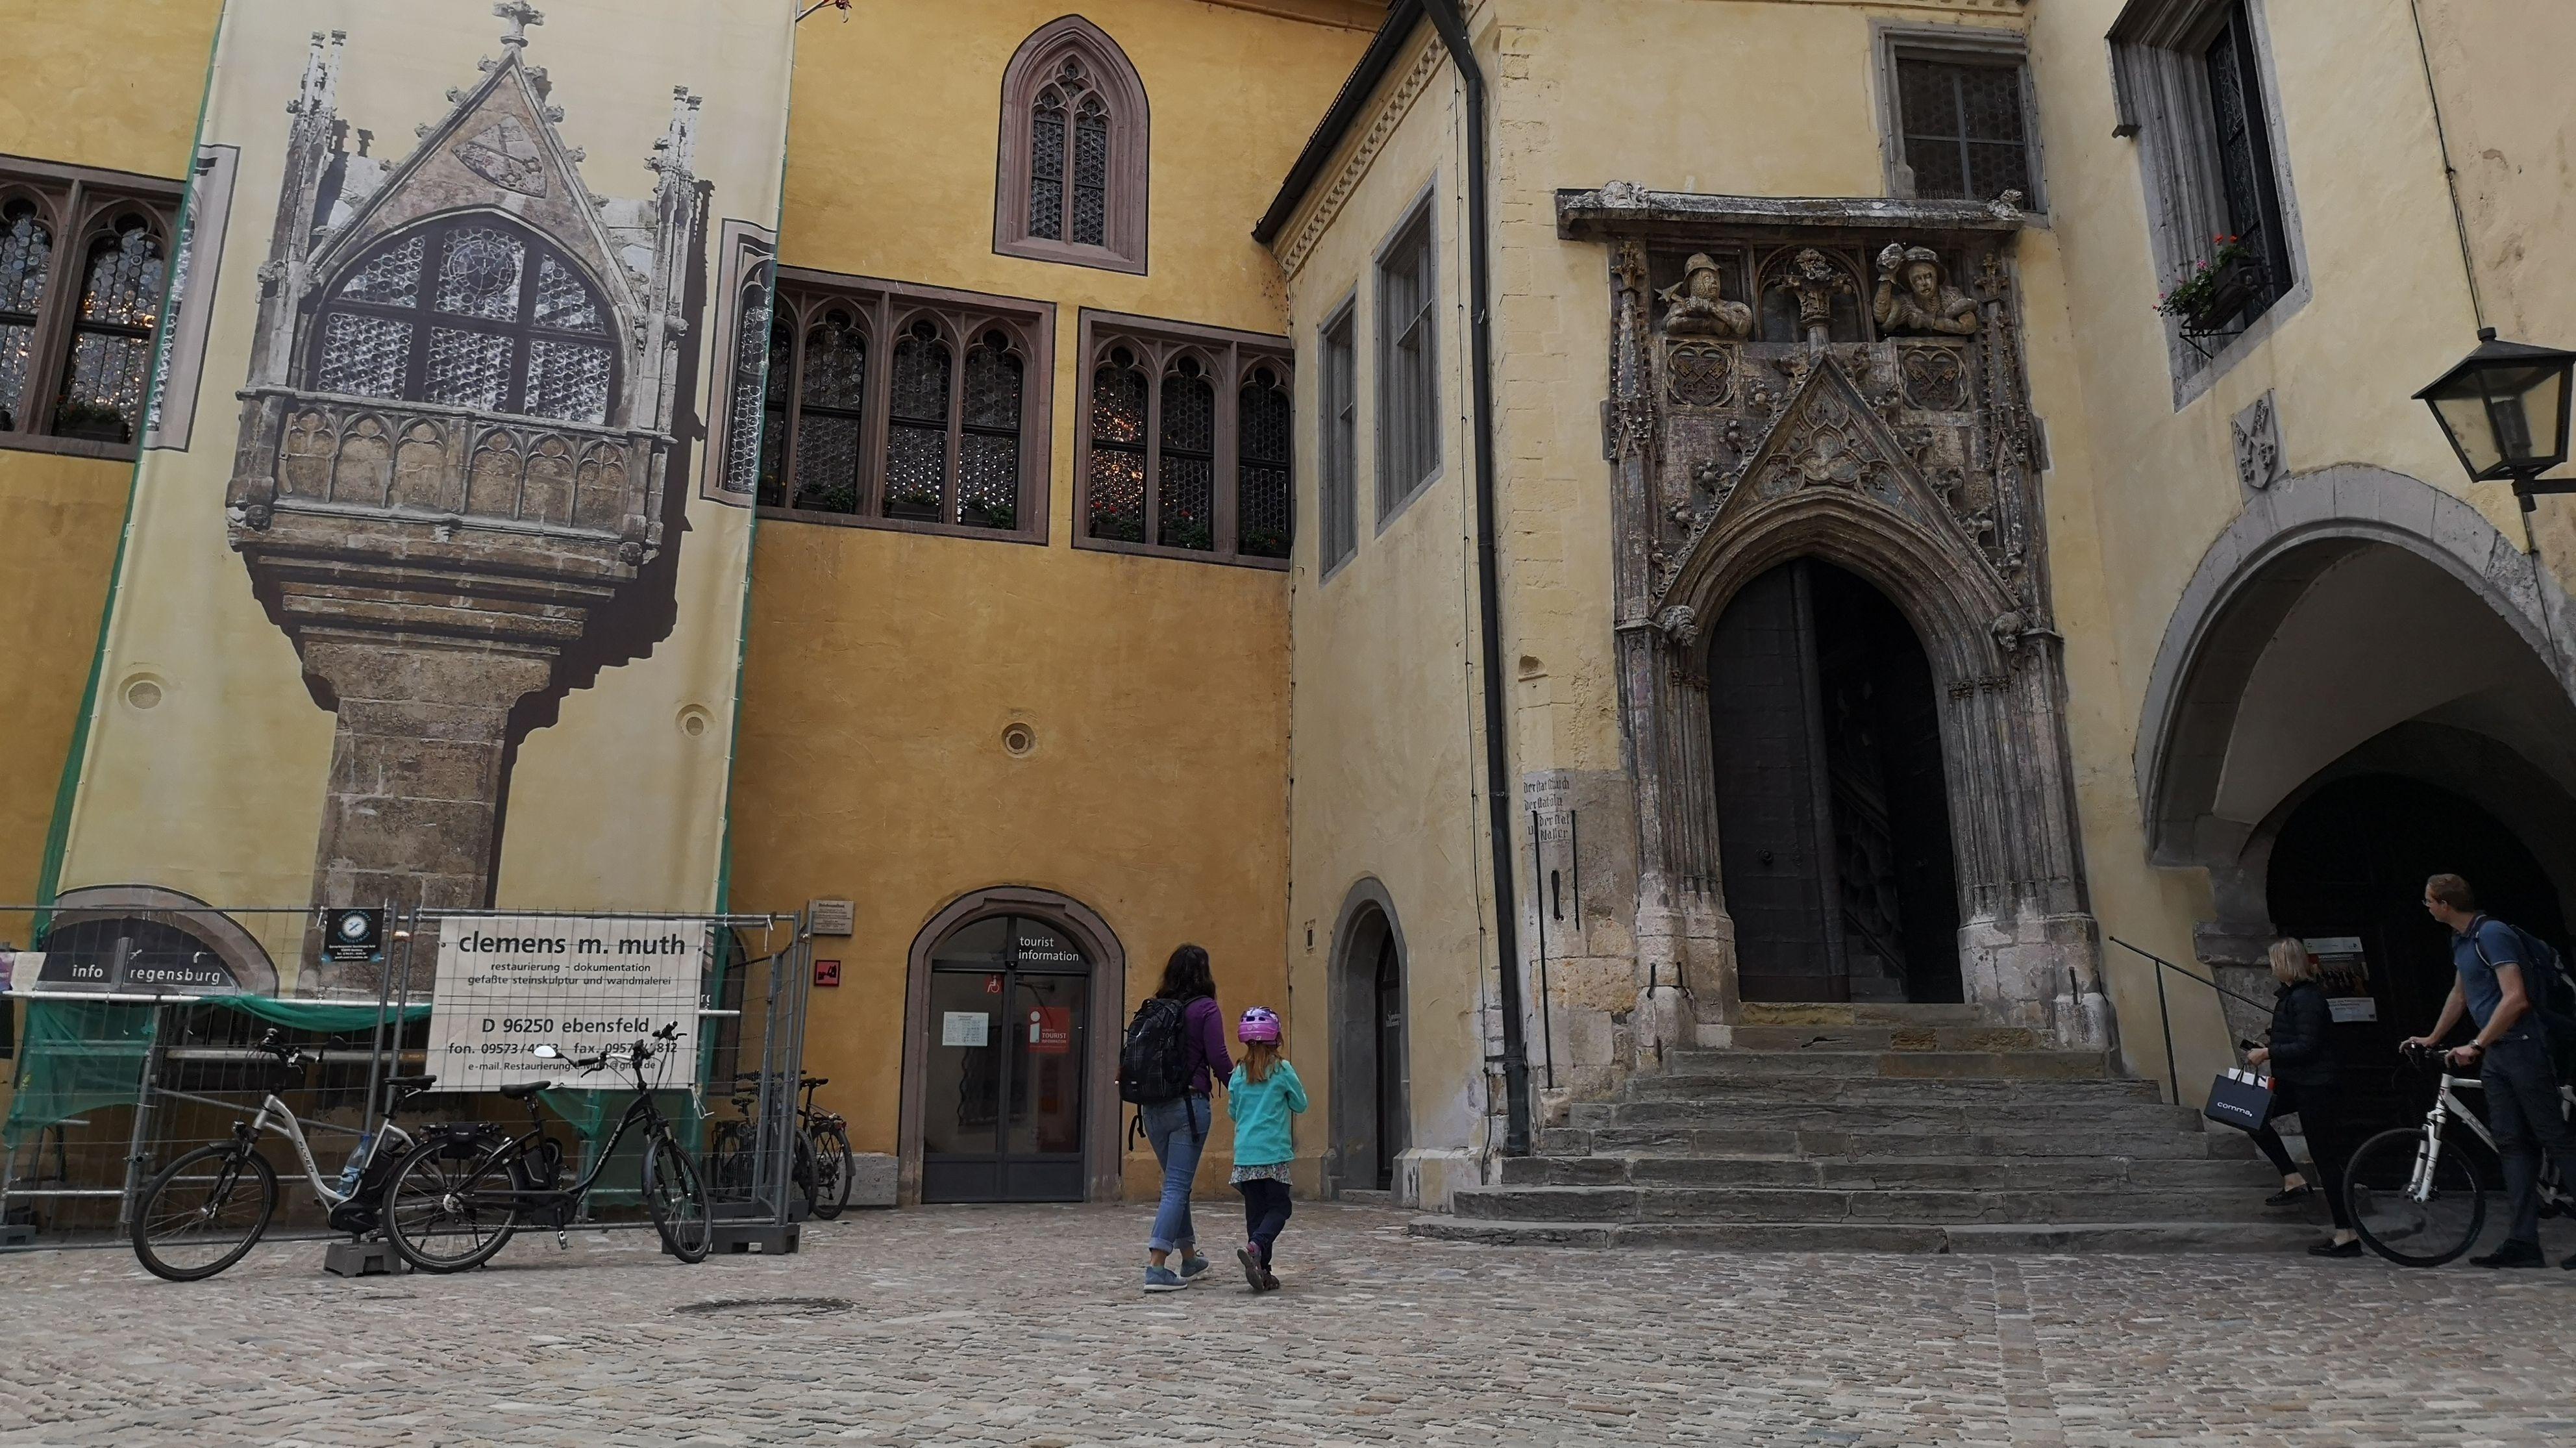 Eingang zum Alten Rathaus in Regensburg